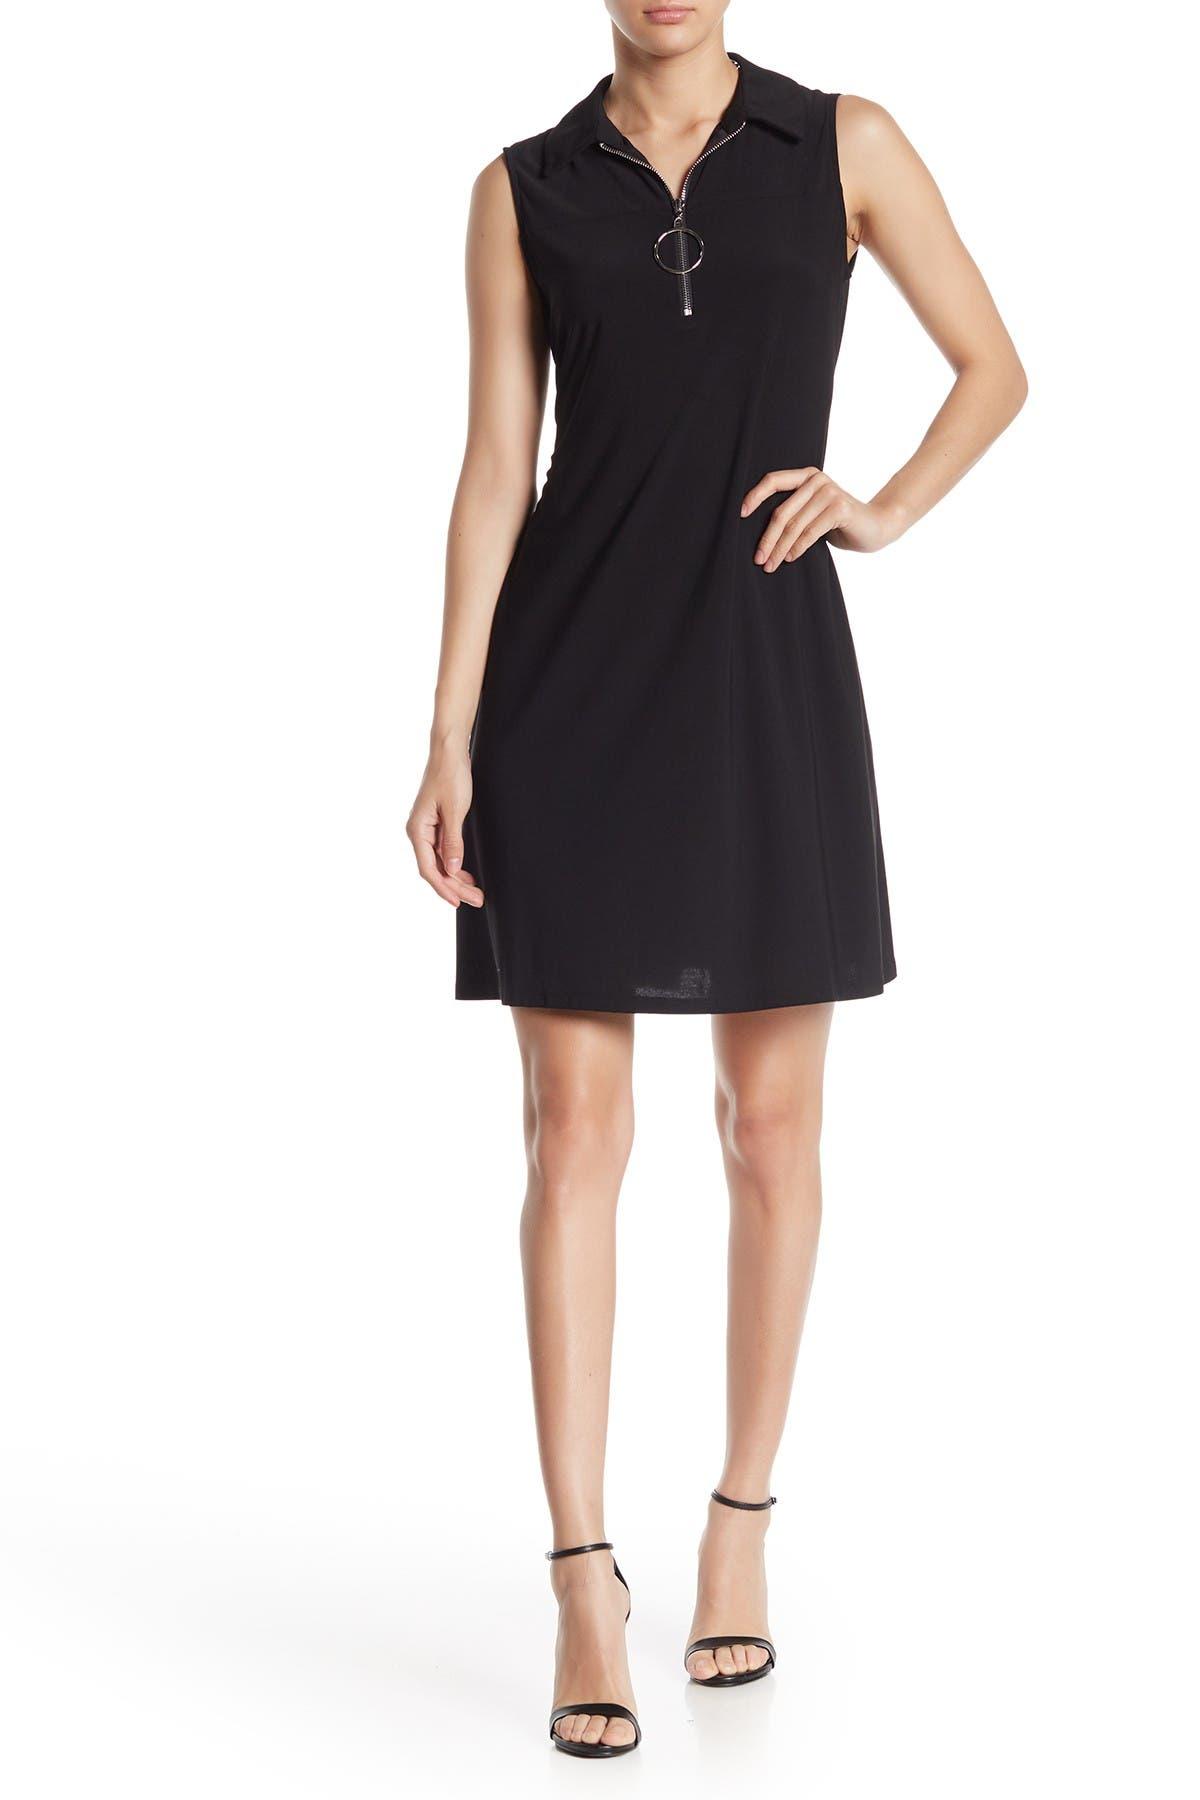 Image of MSK Quarter Zip Sleeveless Mini Dress